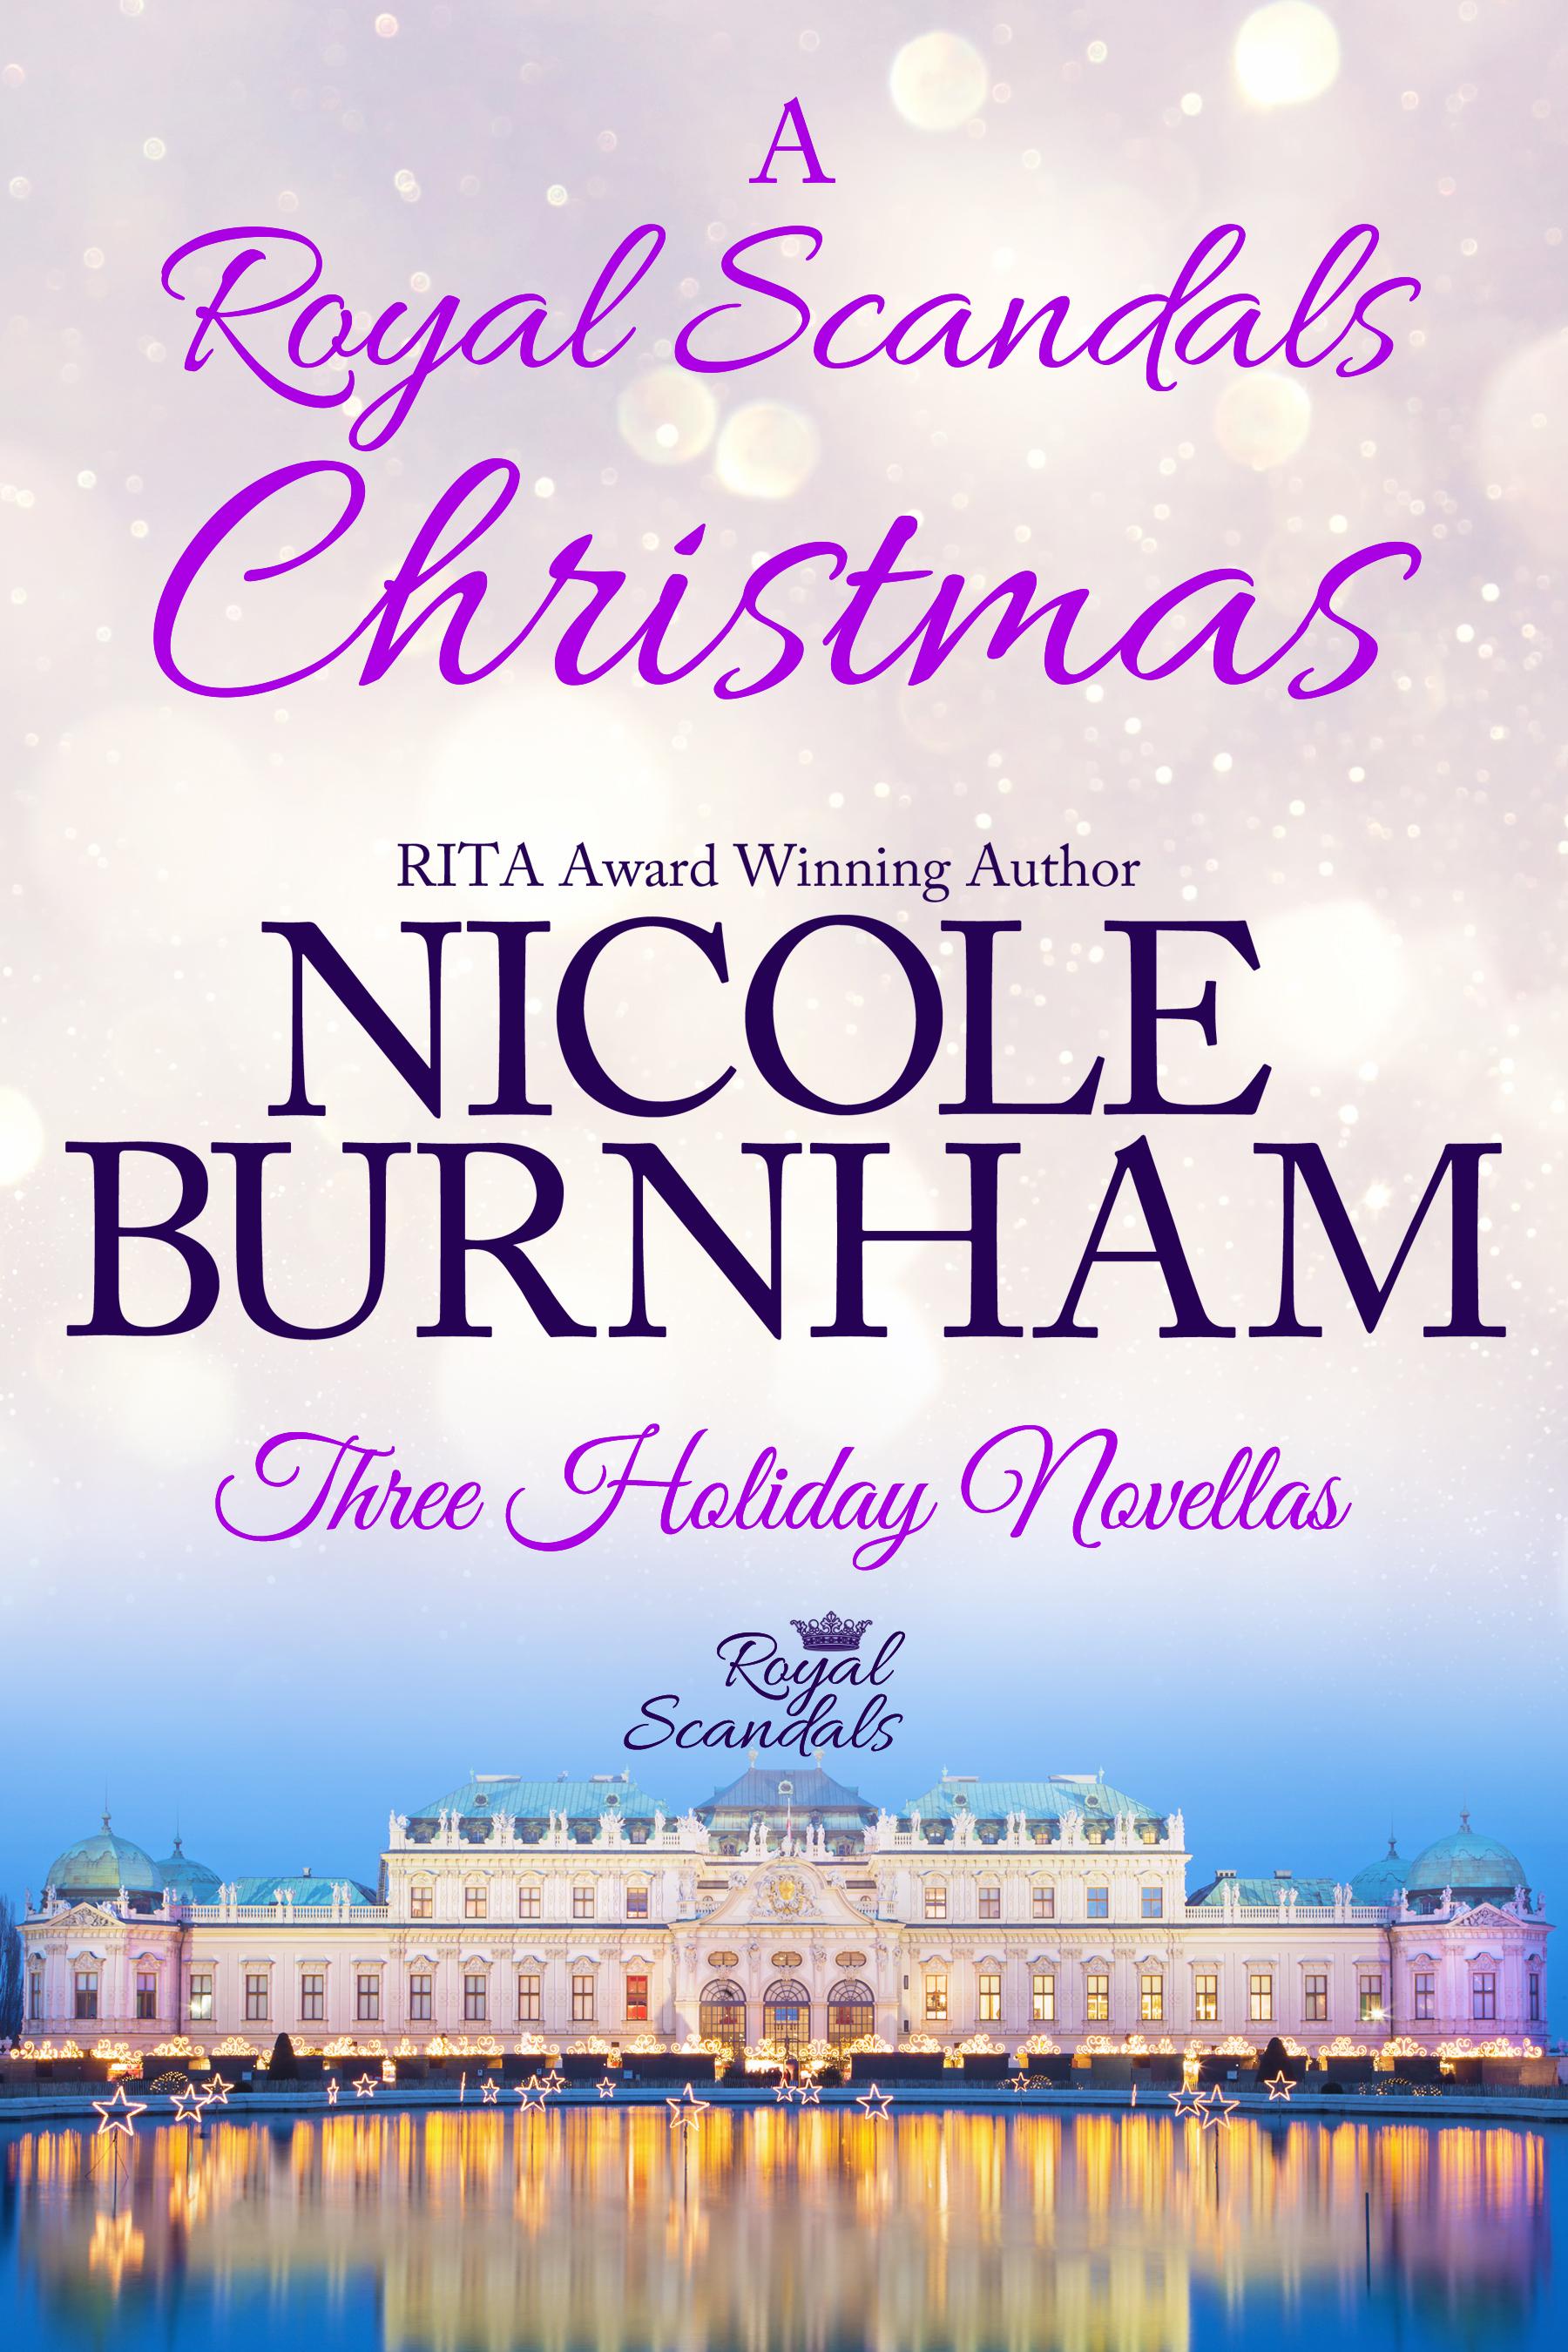 A Royal Scandals Christmas: Three Holiday Novellas